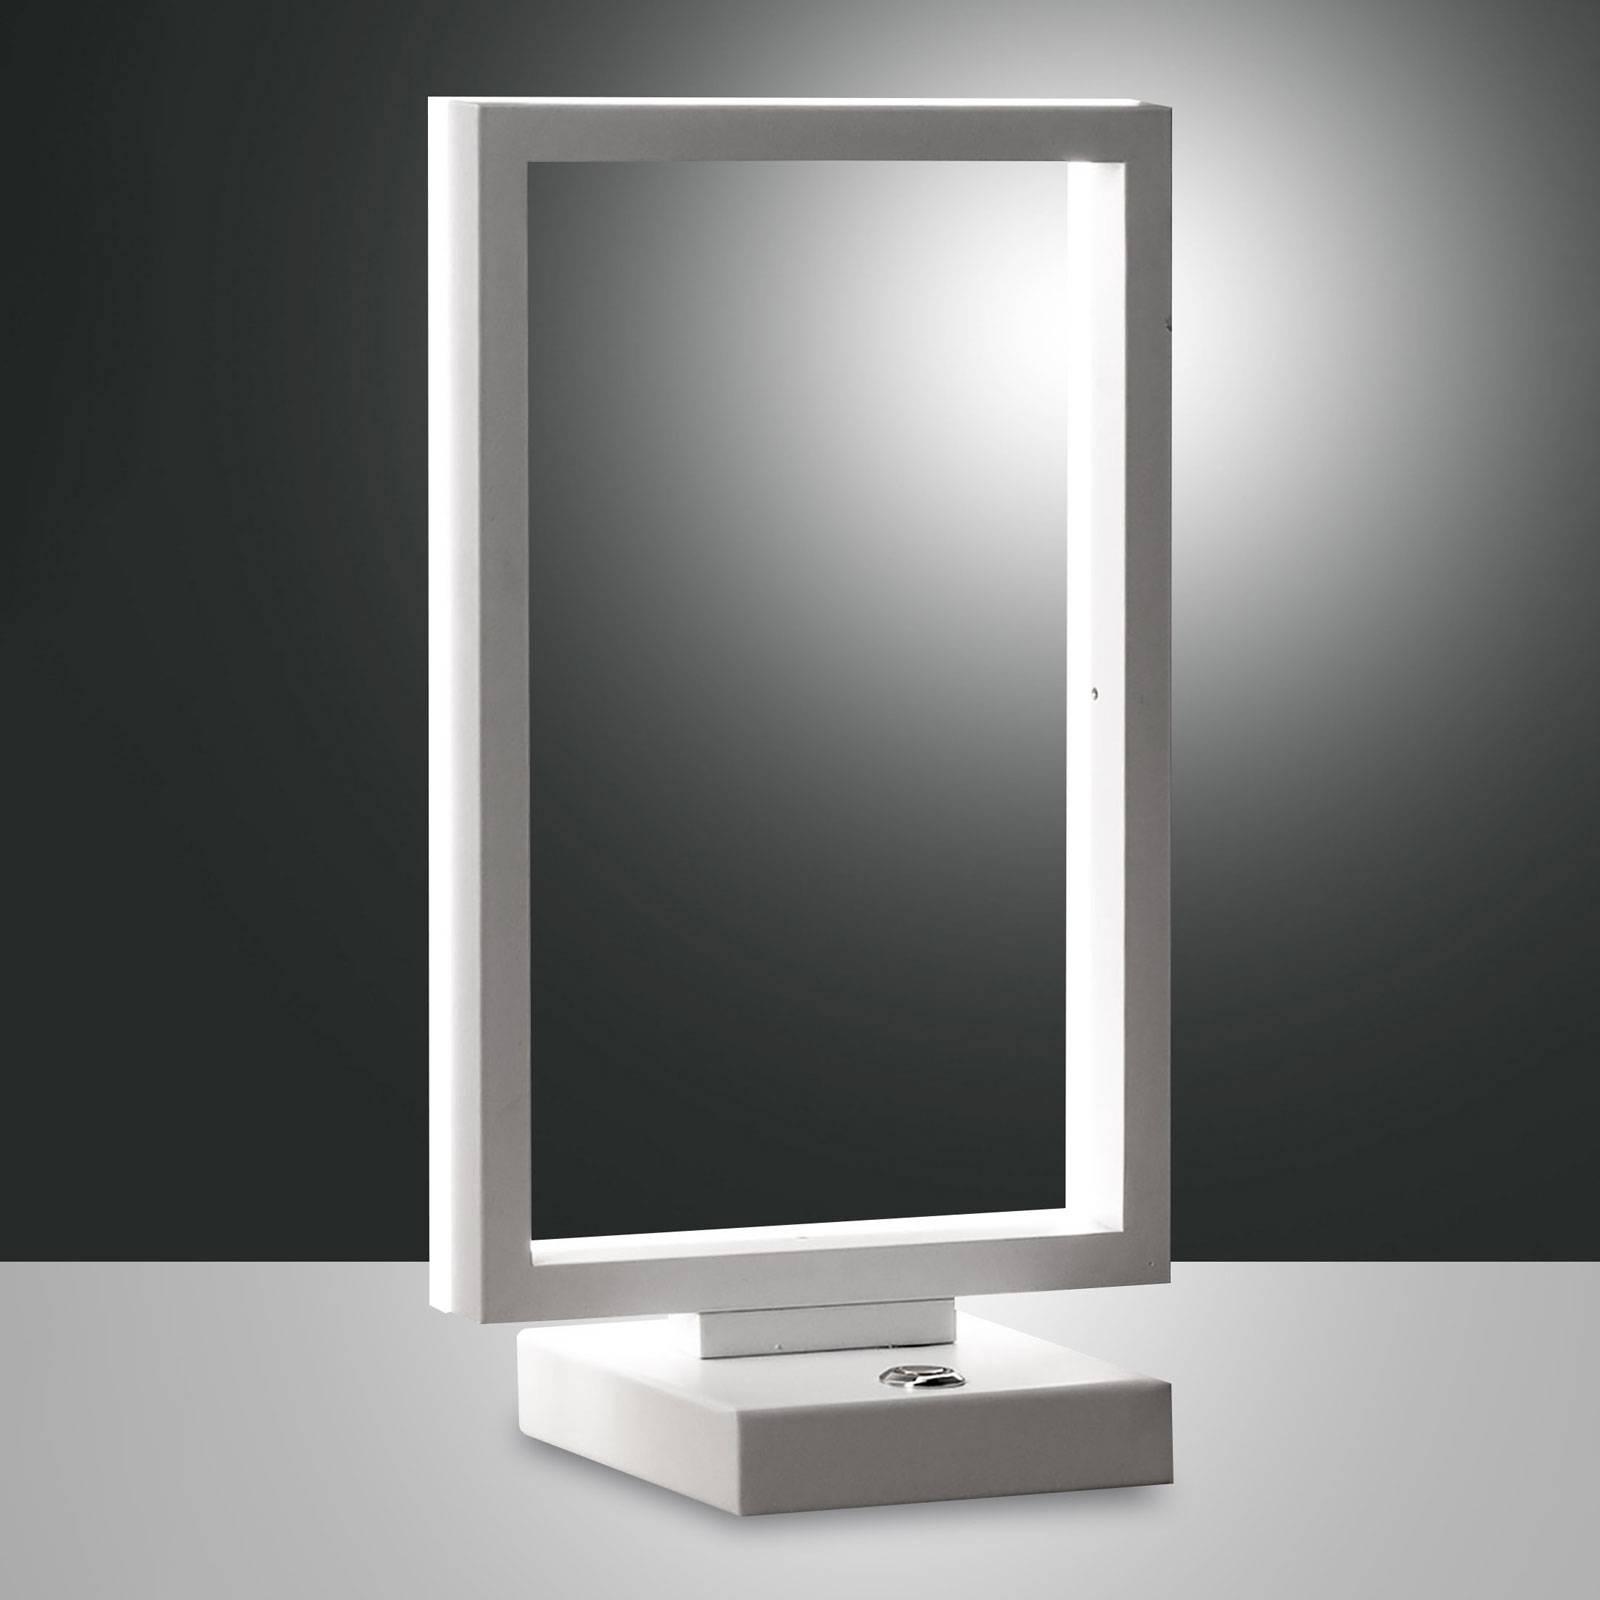 LED-pöytälamppu Bard, himmennettävä, valkoinen